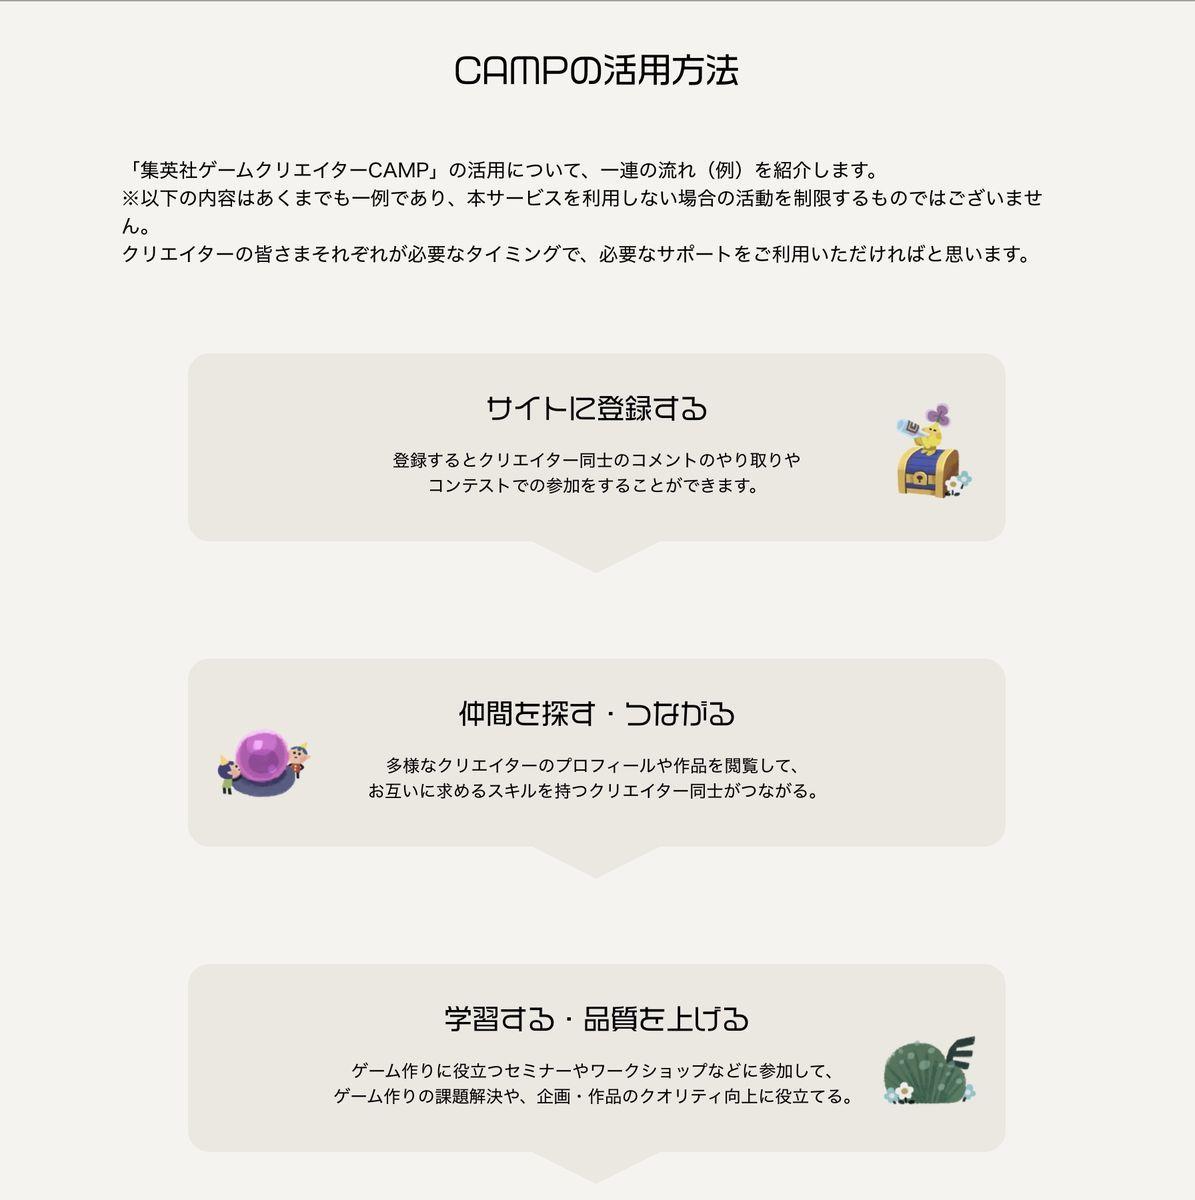 f:id:kan_kikuchi:20210421170532j:plain